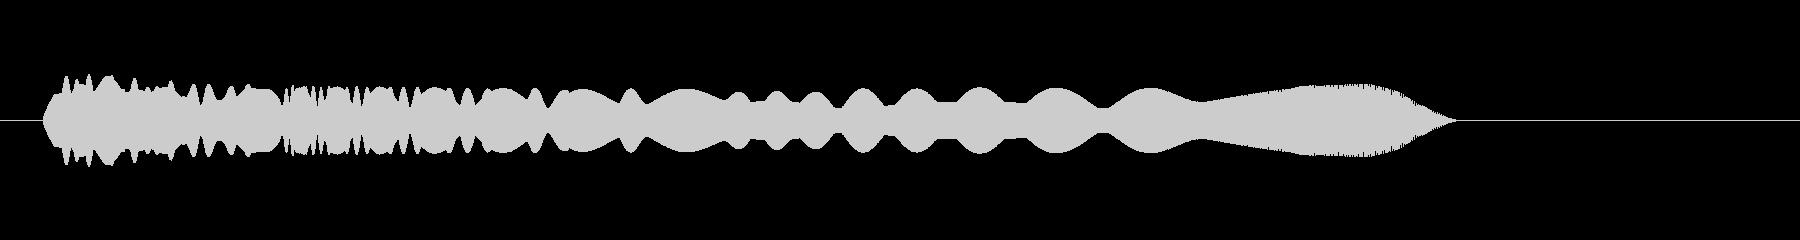 コミカル_投げる_飛翔_落下の未再生の波形